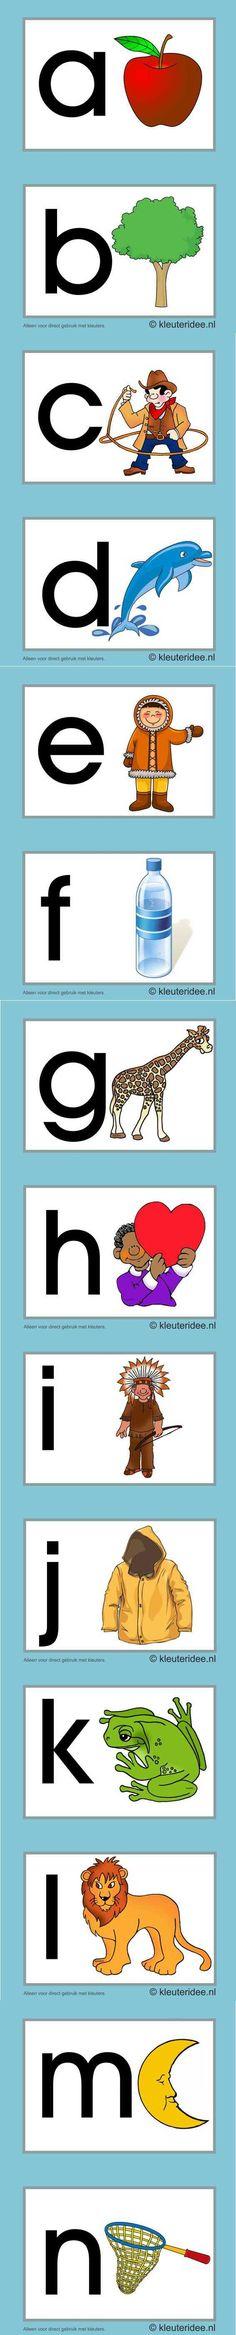 Letterkaarten voor kleuters a, n, kleuteridee.nl , abc cards for preschool , free printable